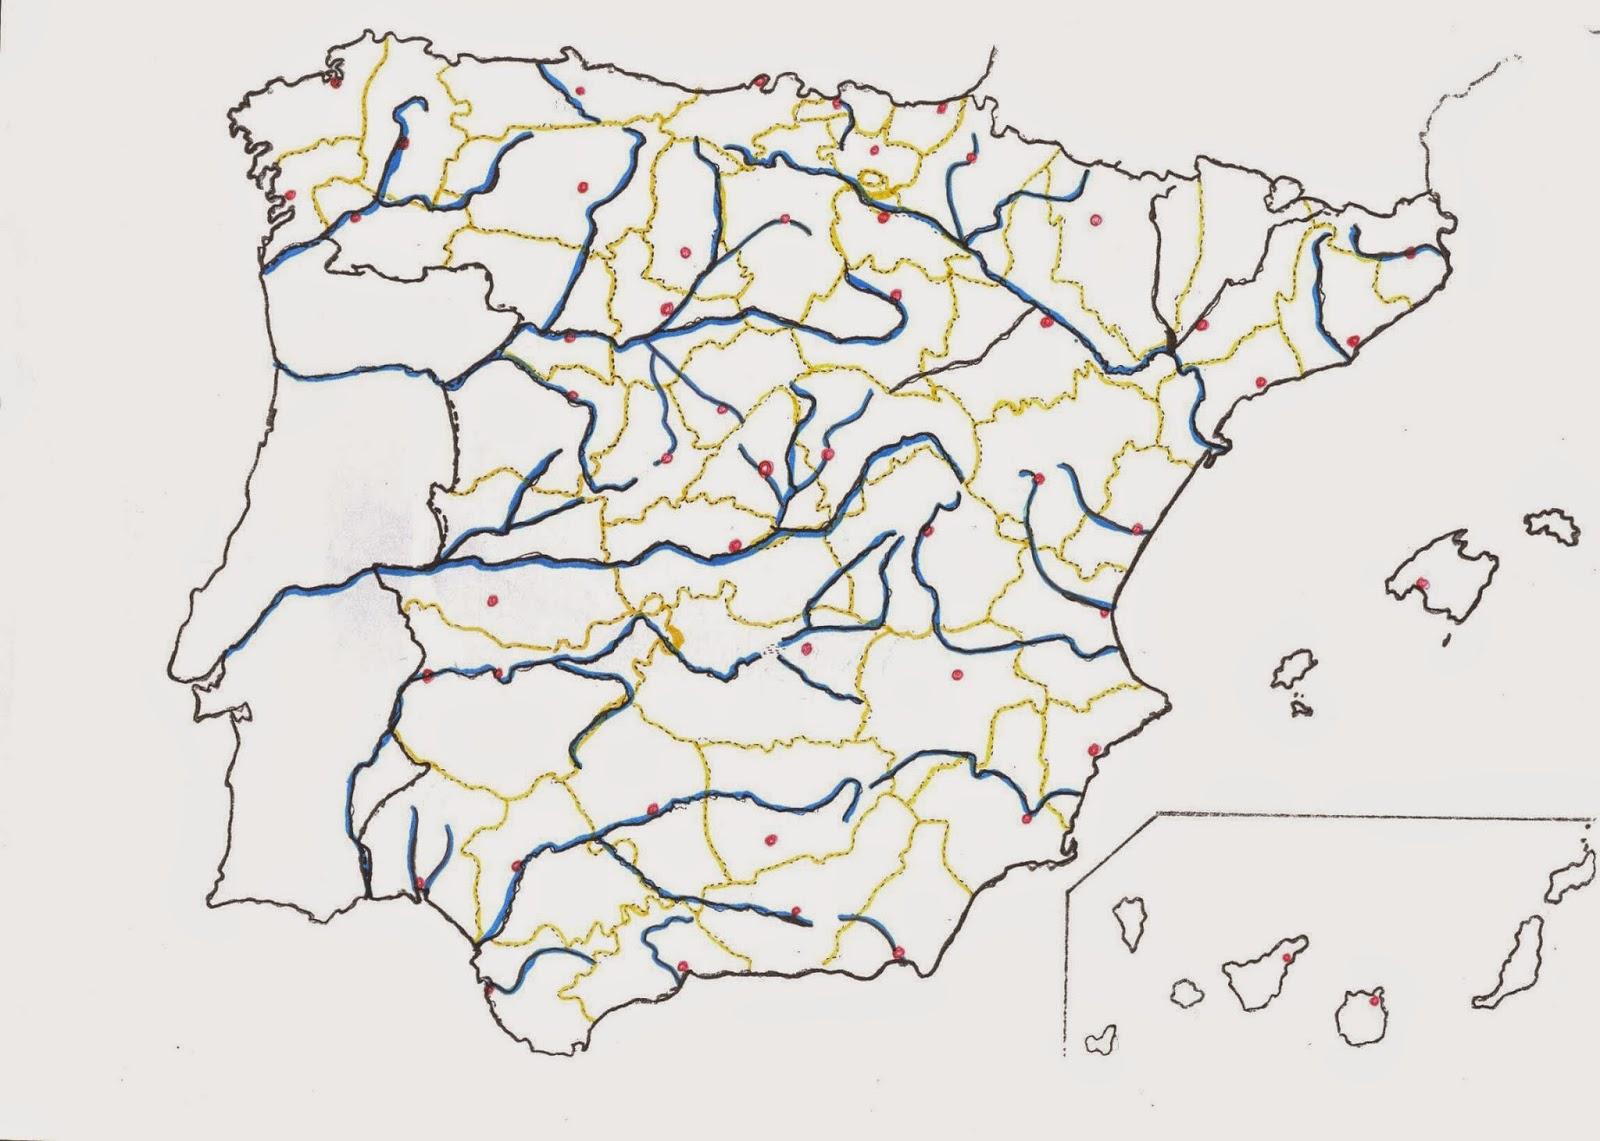 Mapa De España Mudo Rios Para Imprimir.Maestra De Primaria Mapas Mudos De Espana